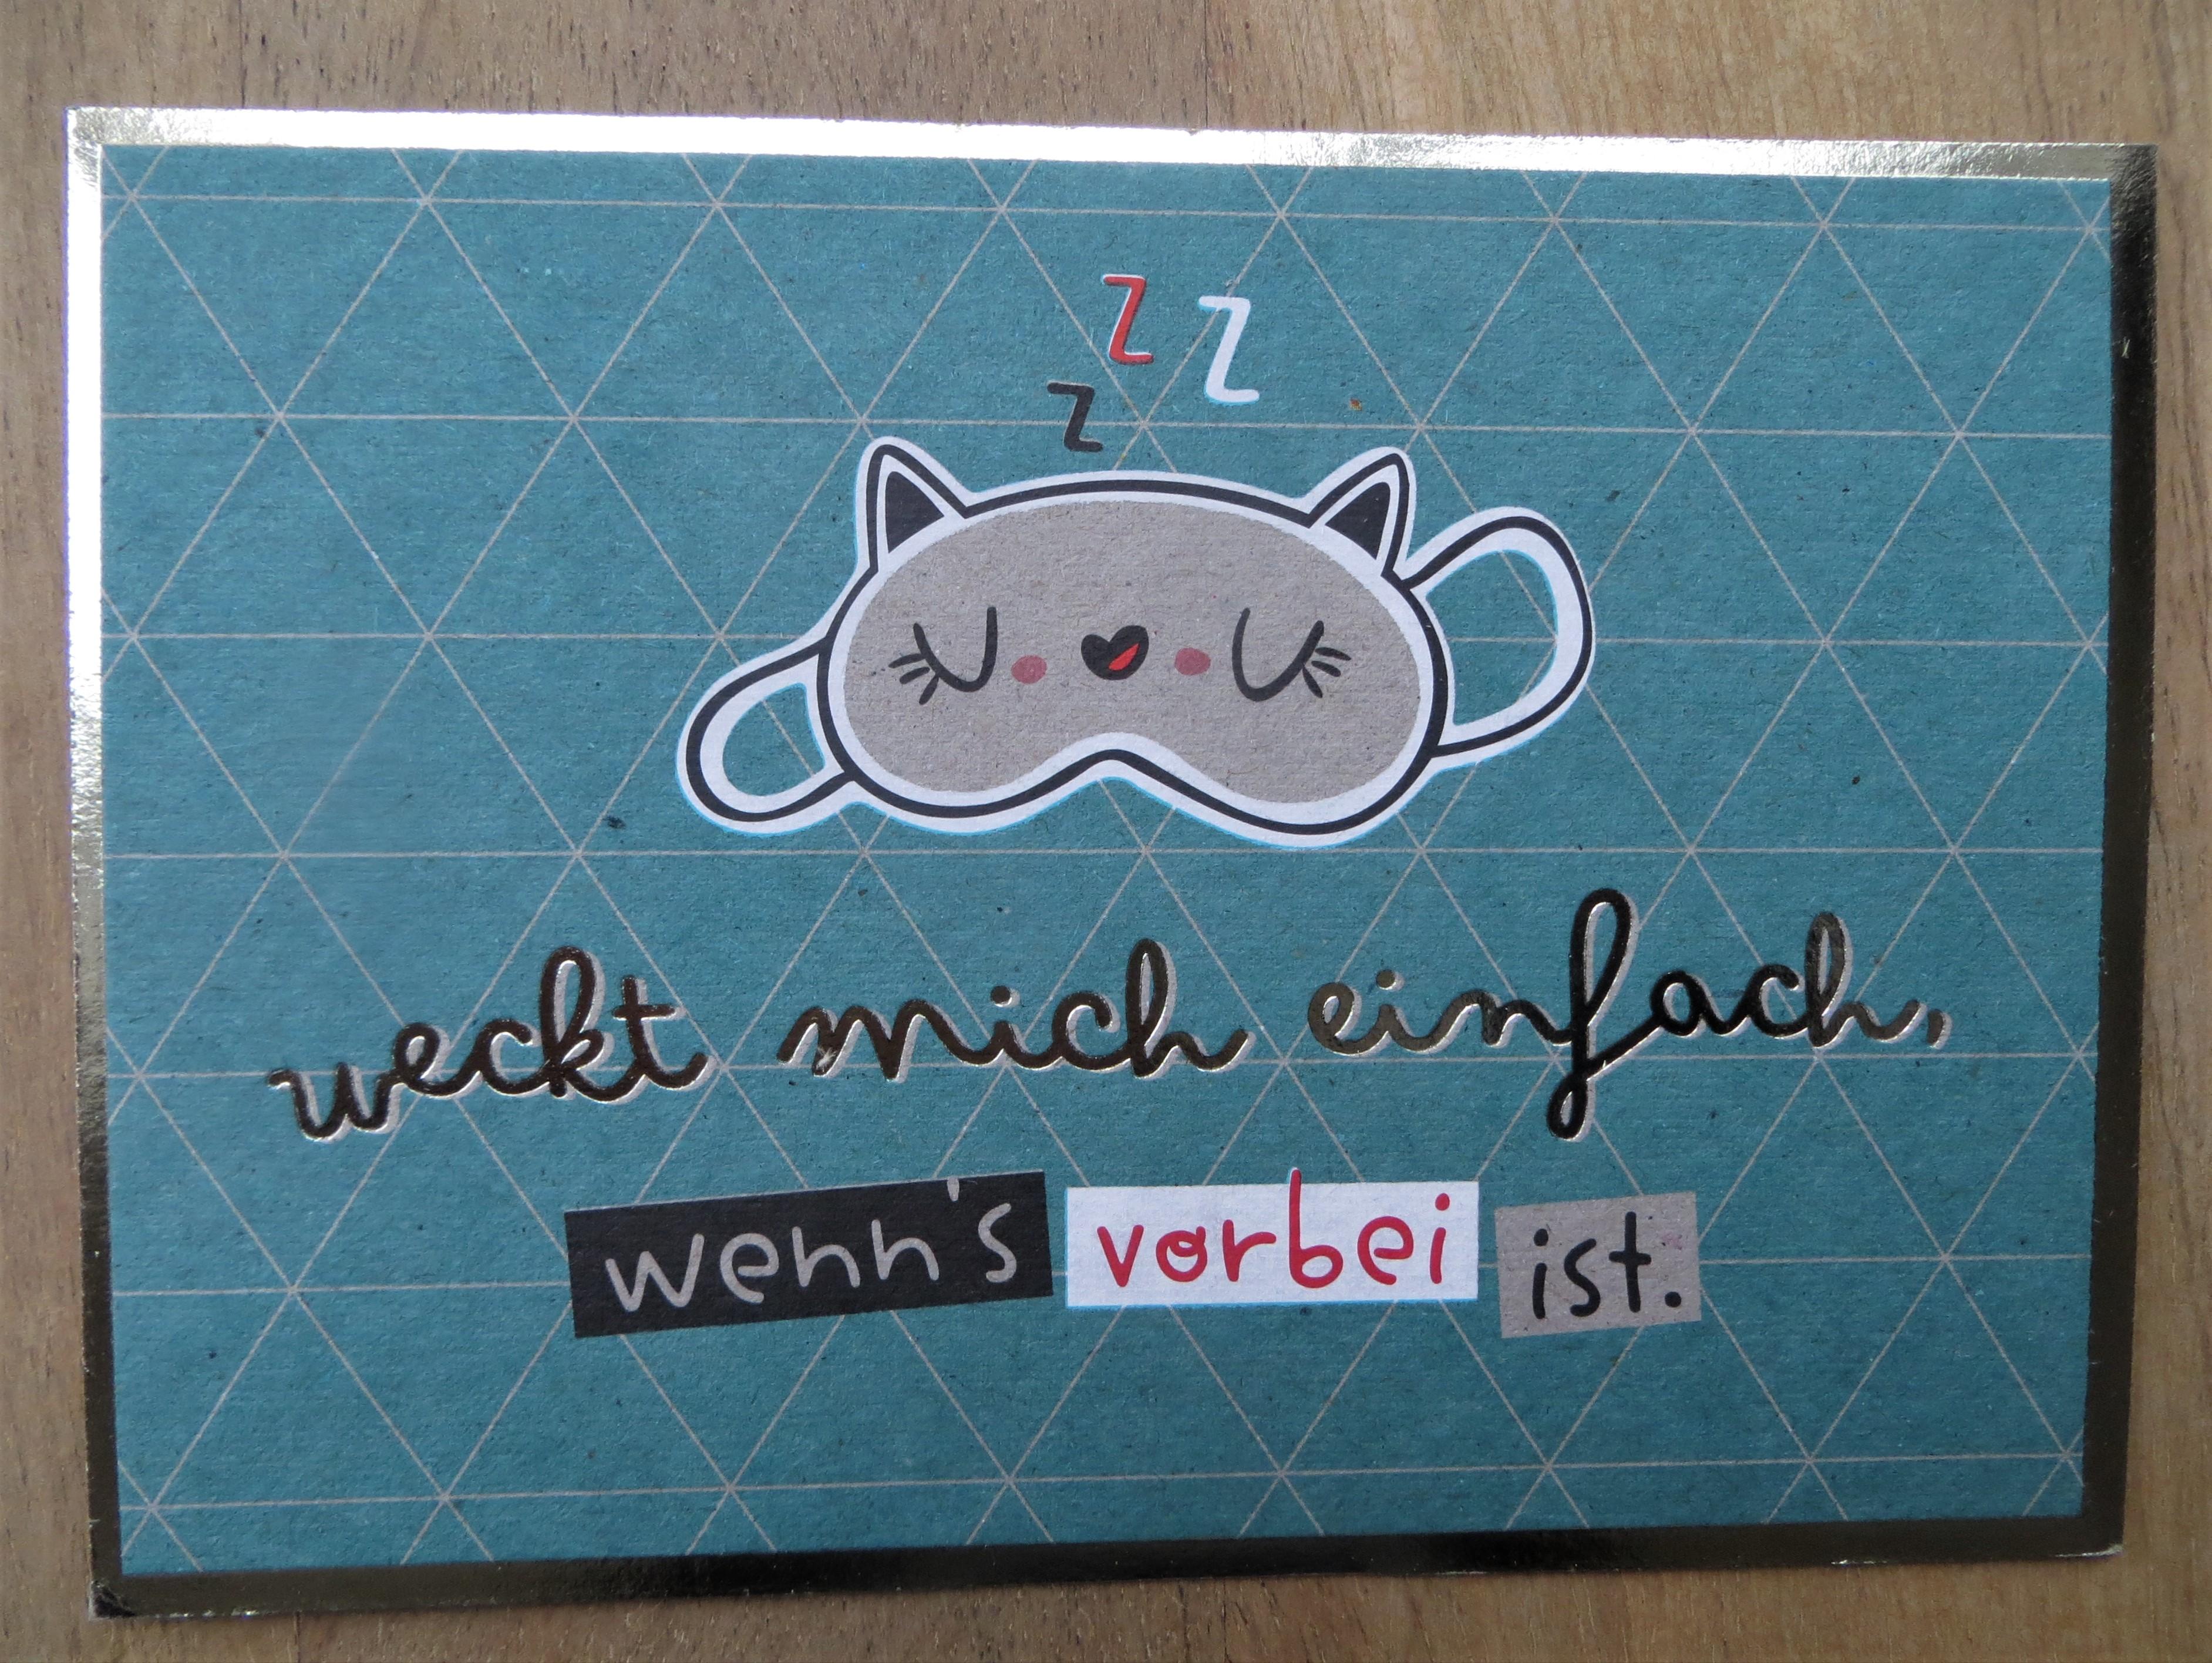 Nützlichgrusskarten - Postkarte Weckt mich einfach wenns vorbei ist. KUNST und BILD - Onlineshop Tante Emmer